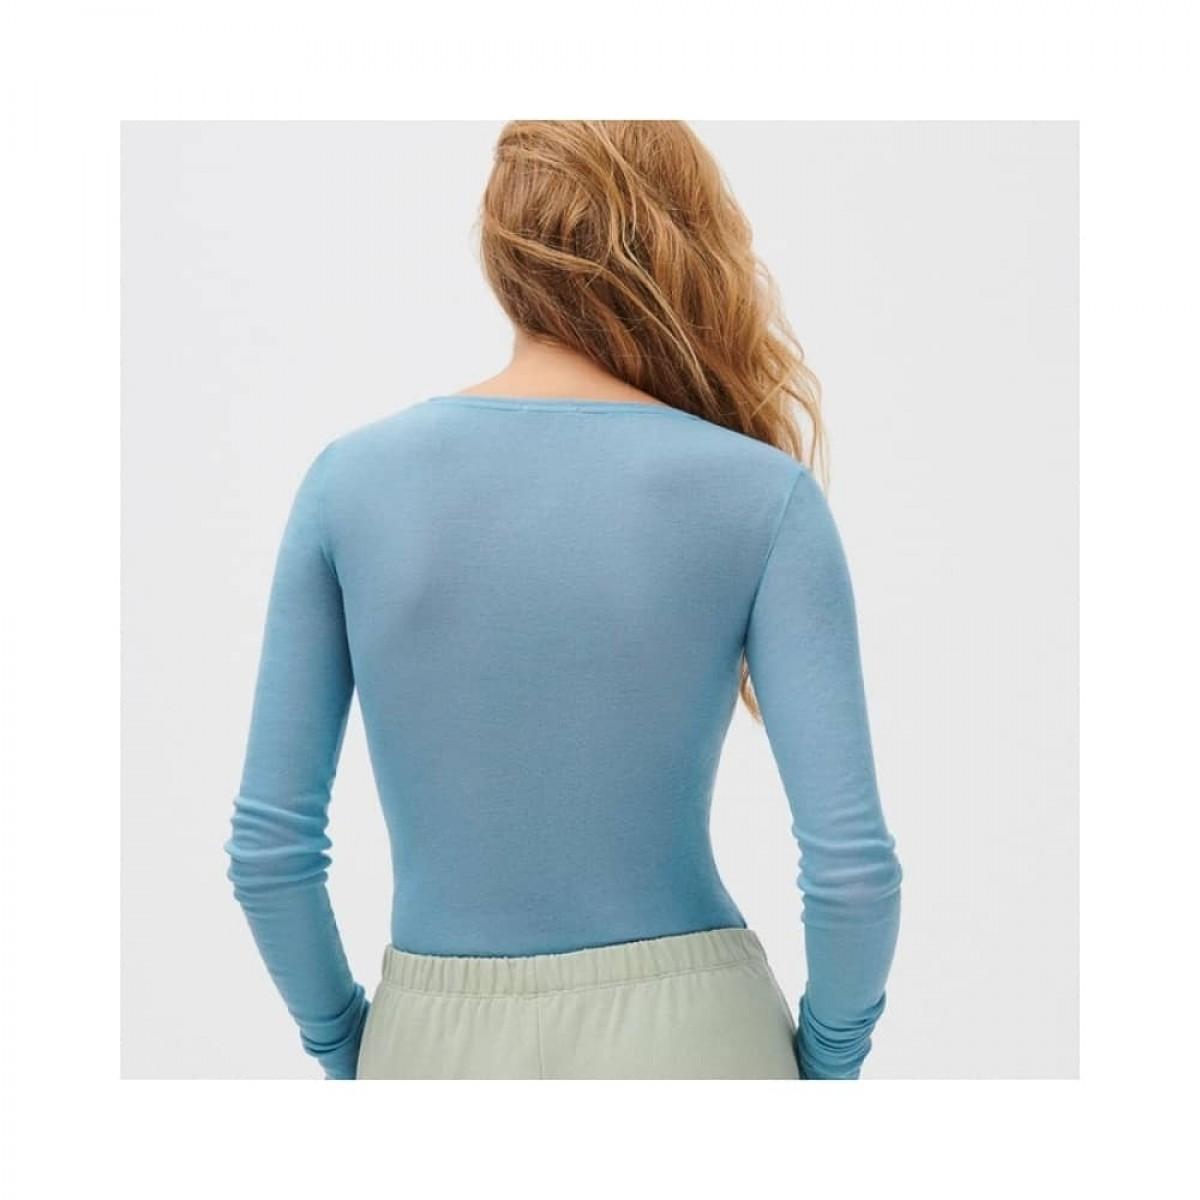 massachusetts bluse - oceania - model ryggen